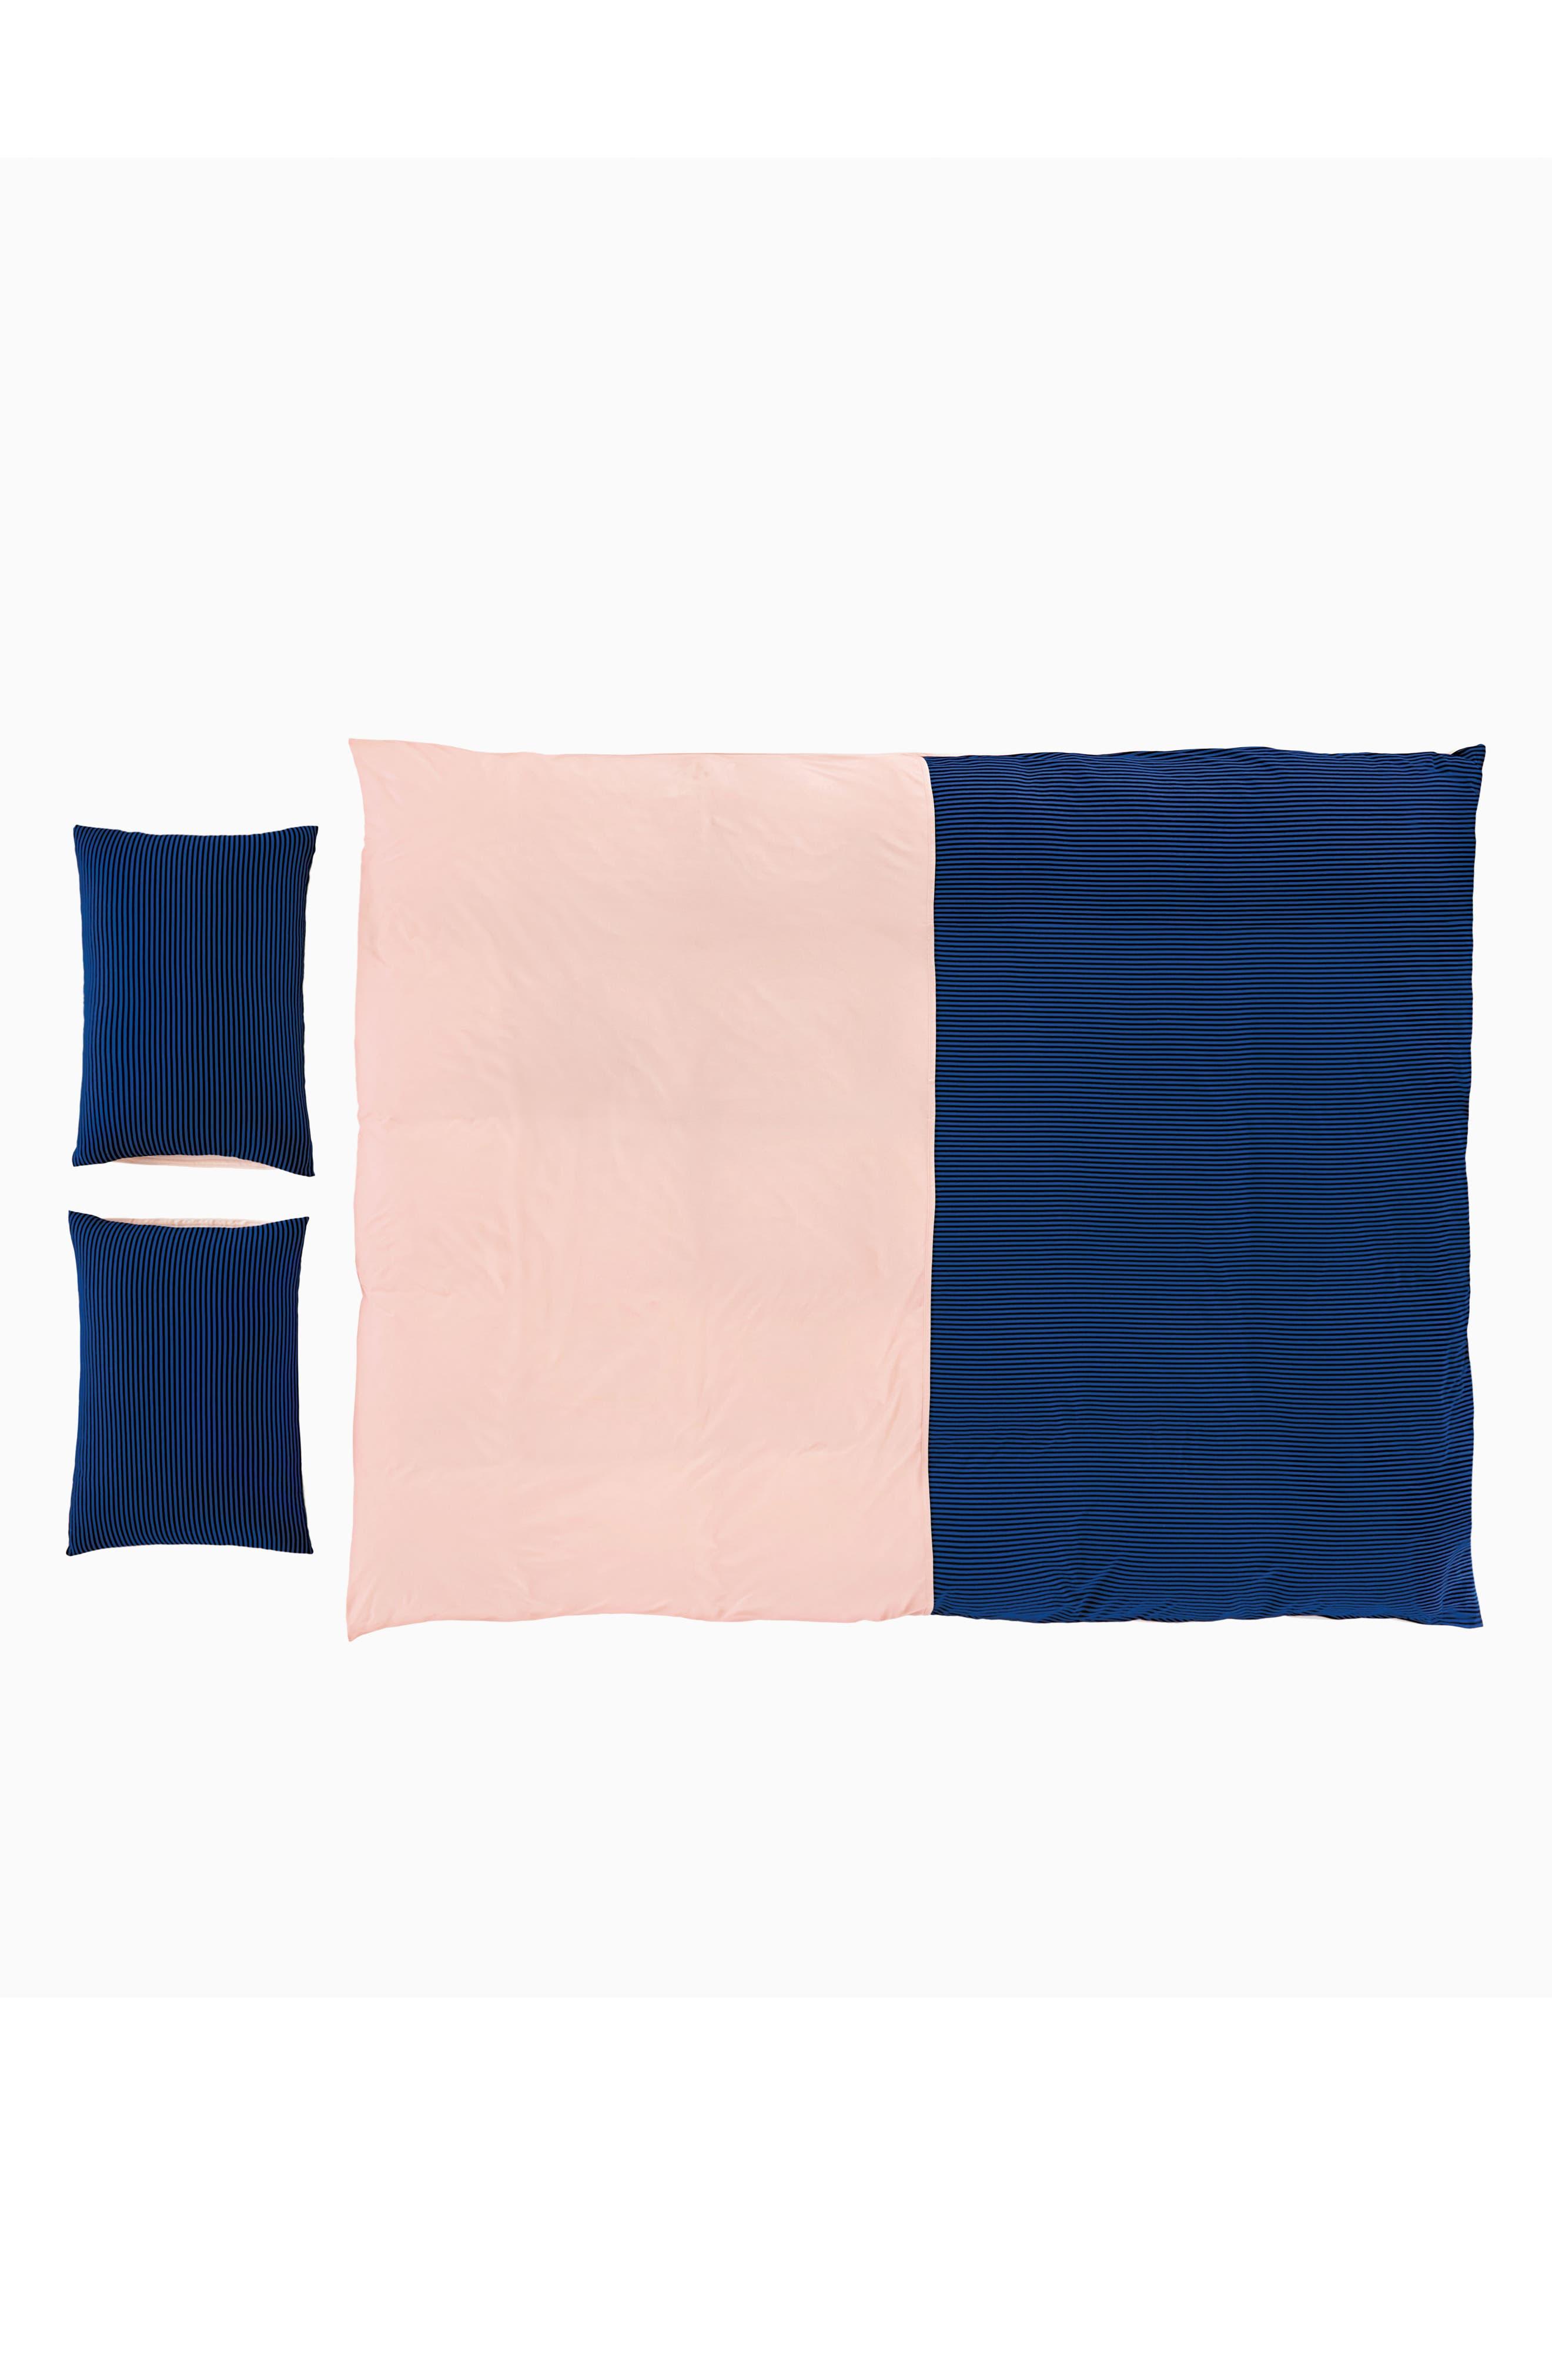 Samuel Duvet Cover,                         Main,                         color, Pink/ Cobalt/ Black